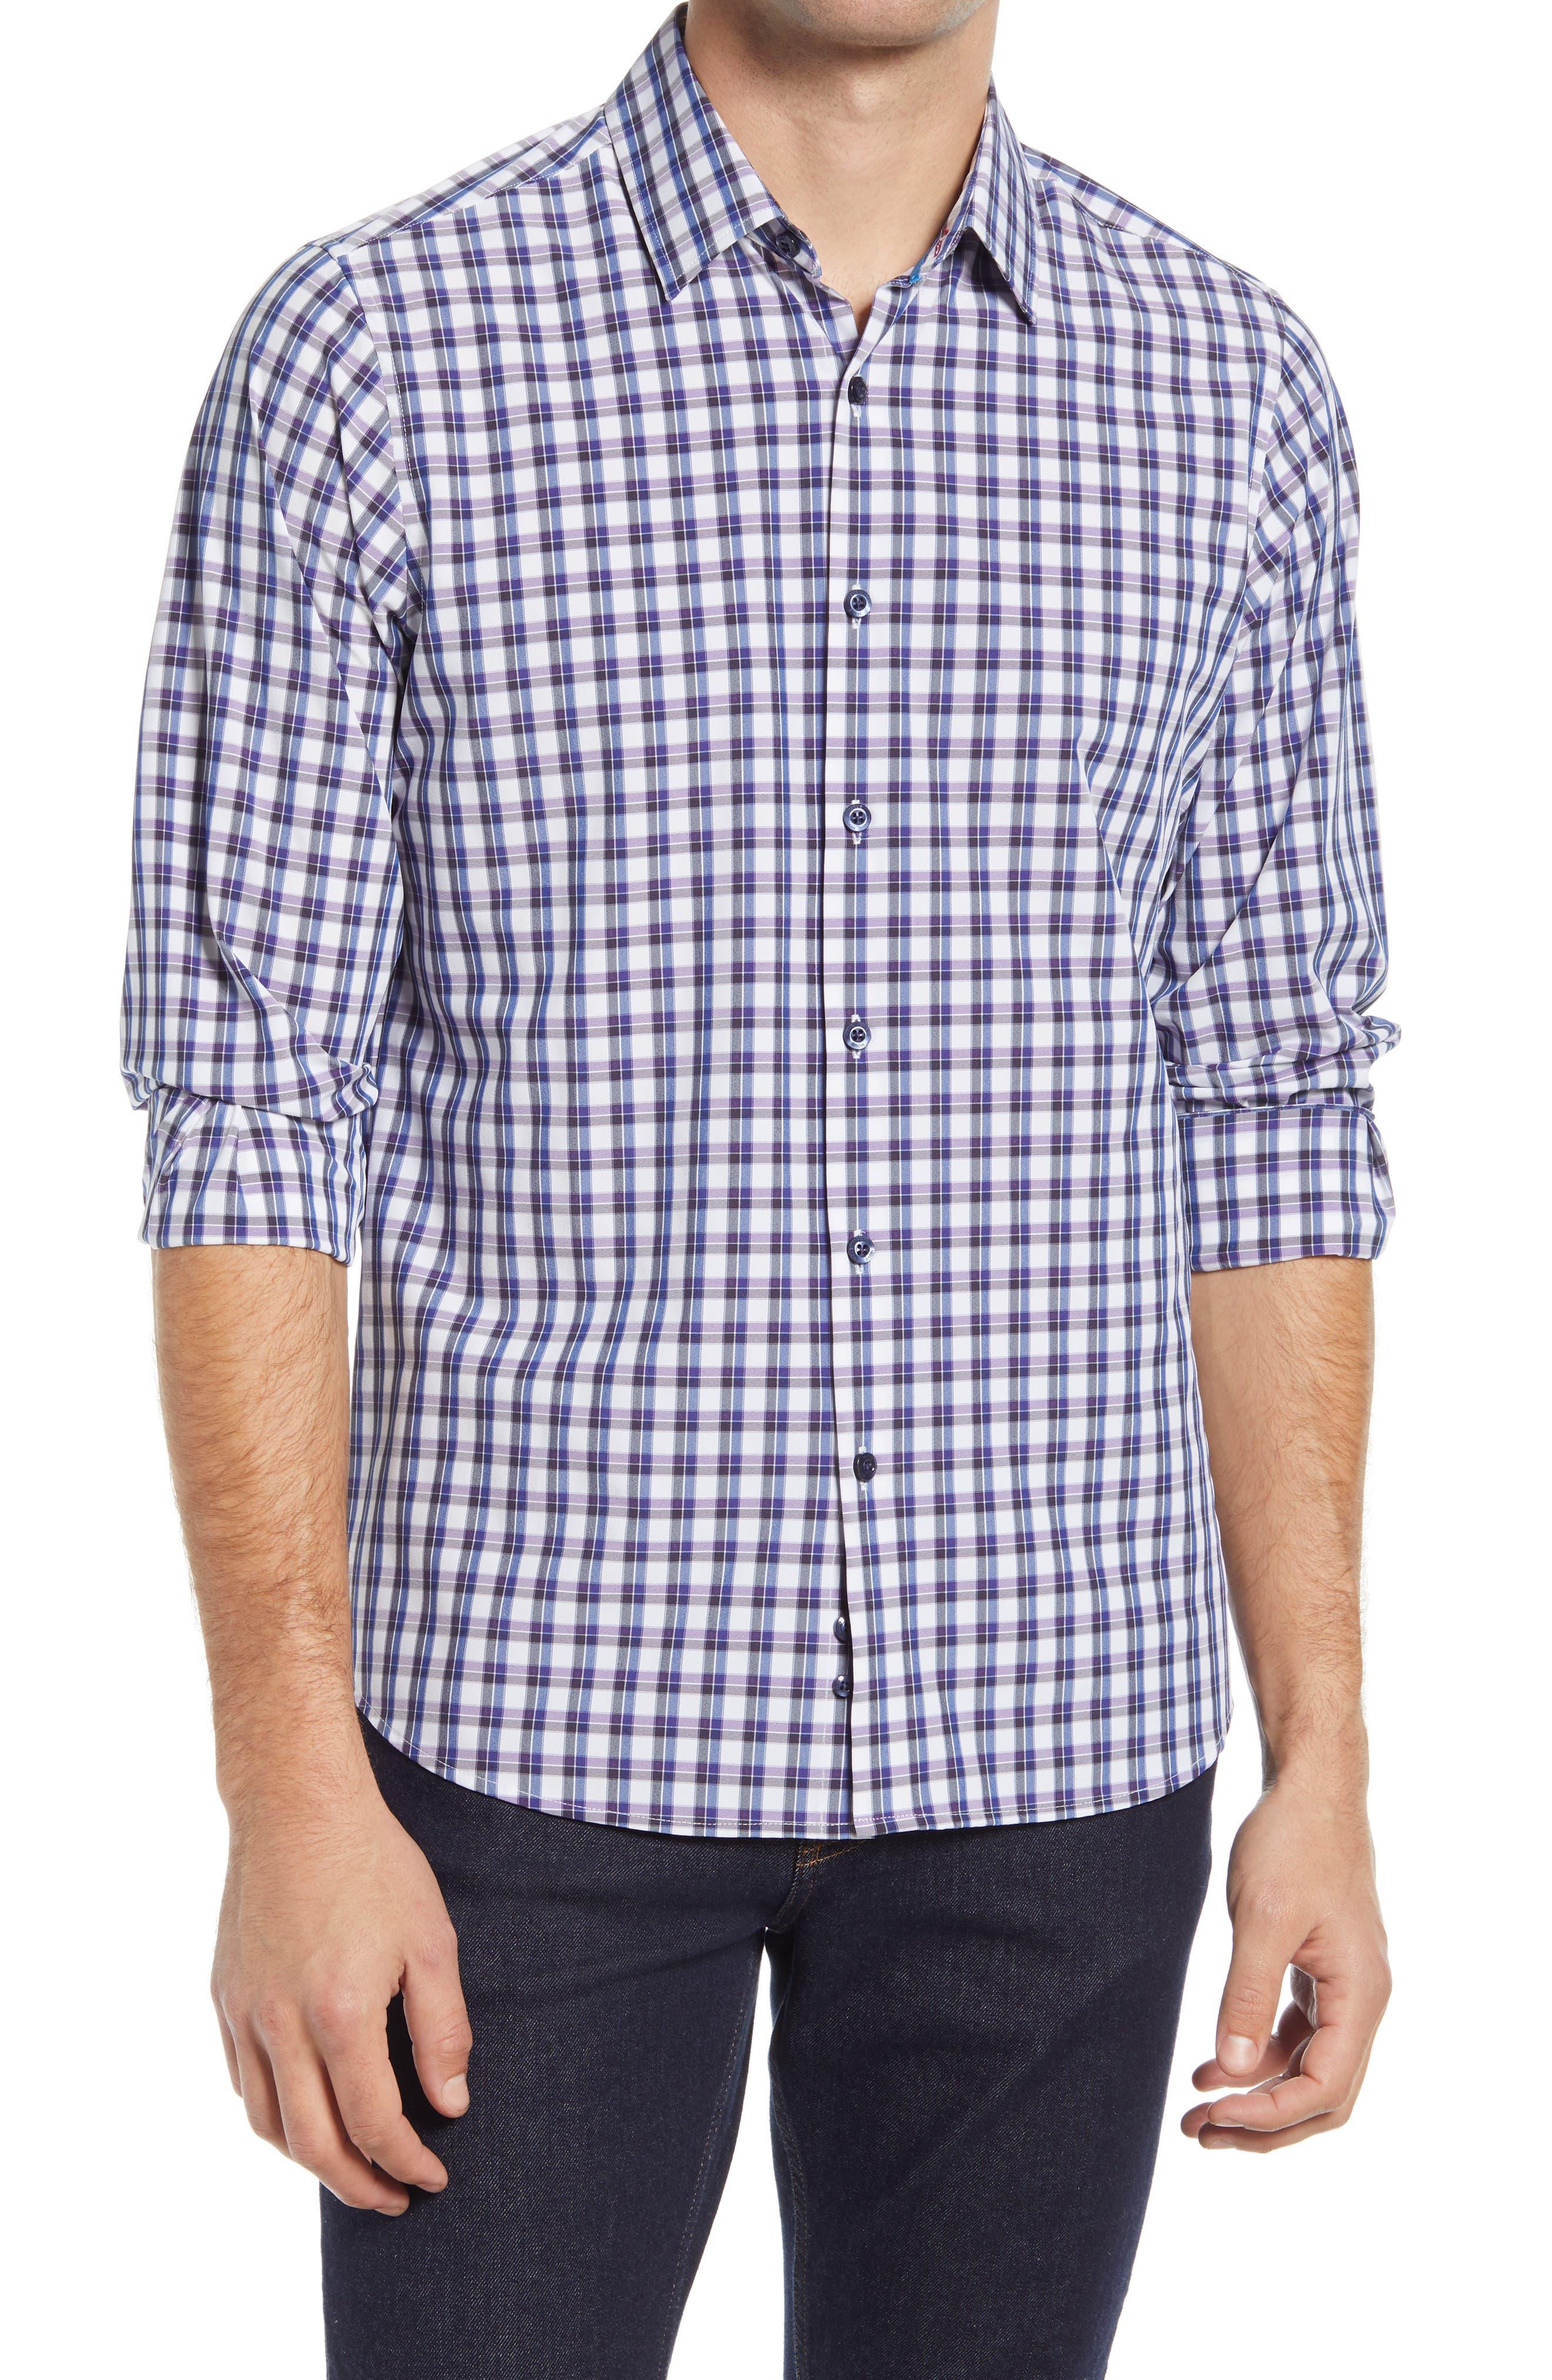 Regular Fit Check Button-Up Performance Shirt